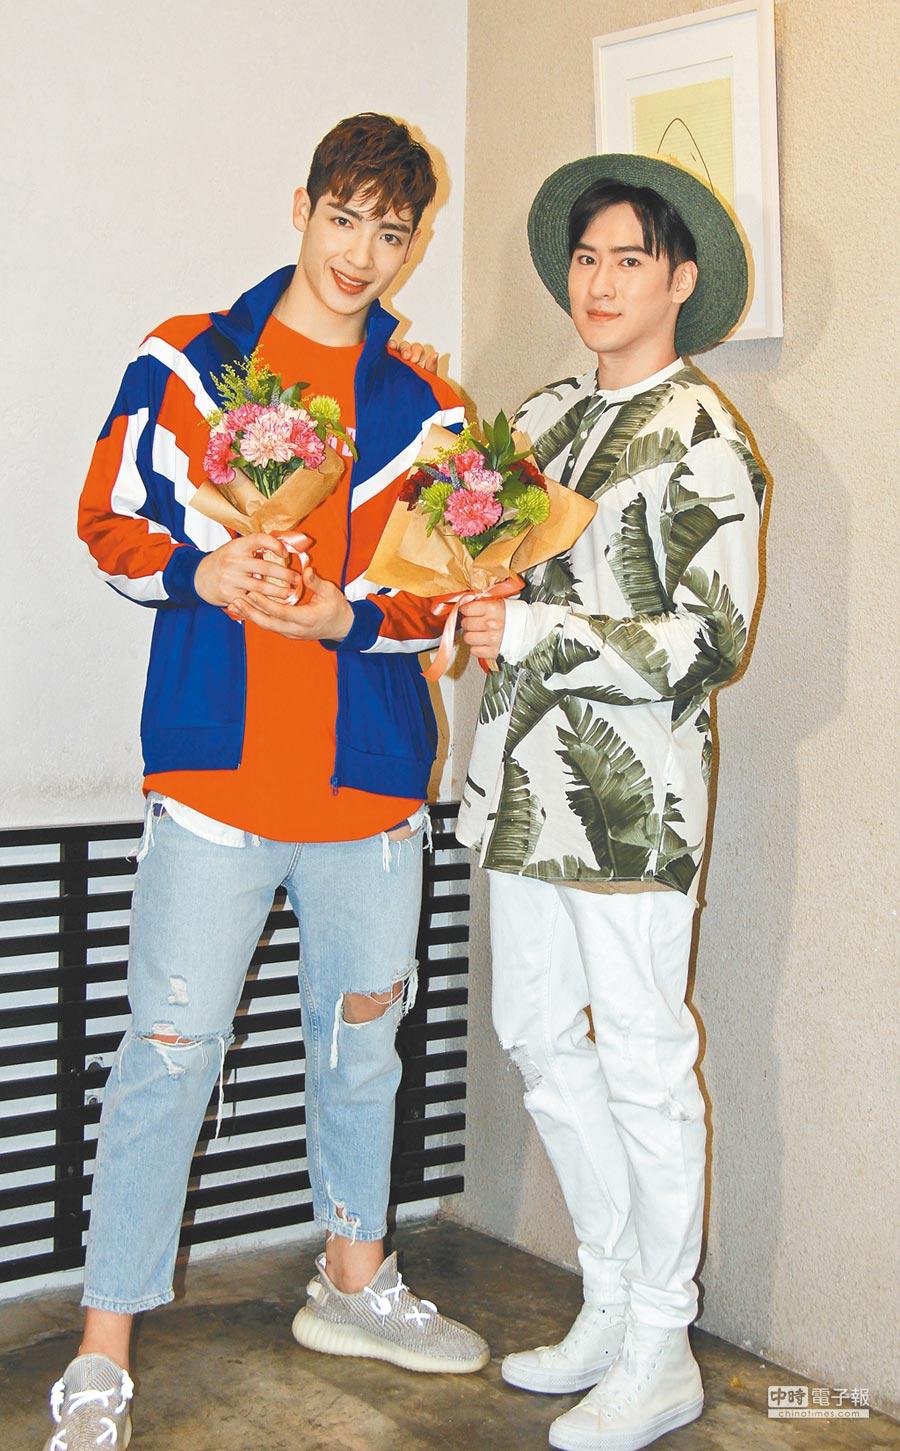 沈建宏(右)與師弟黃士杰一起做母親節花束送媽媽。